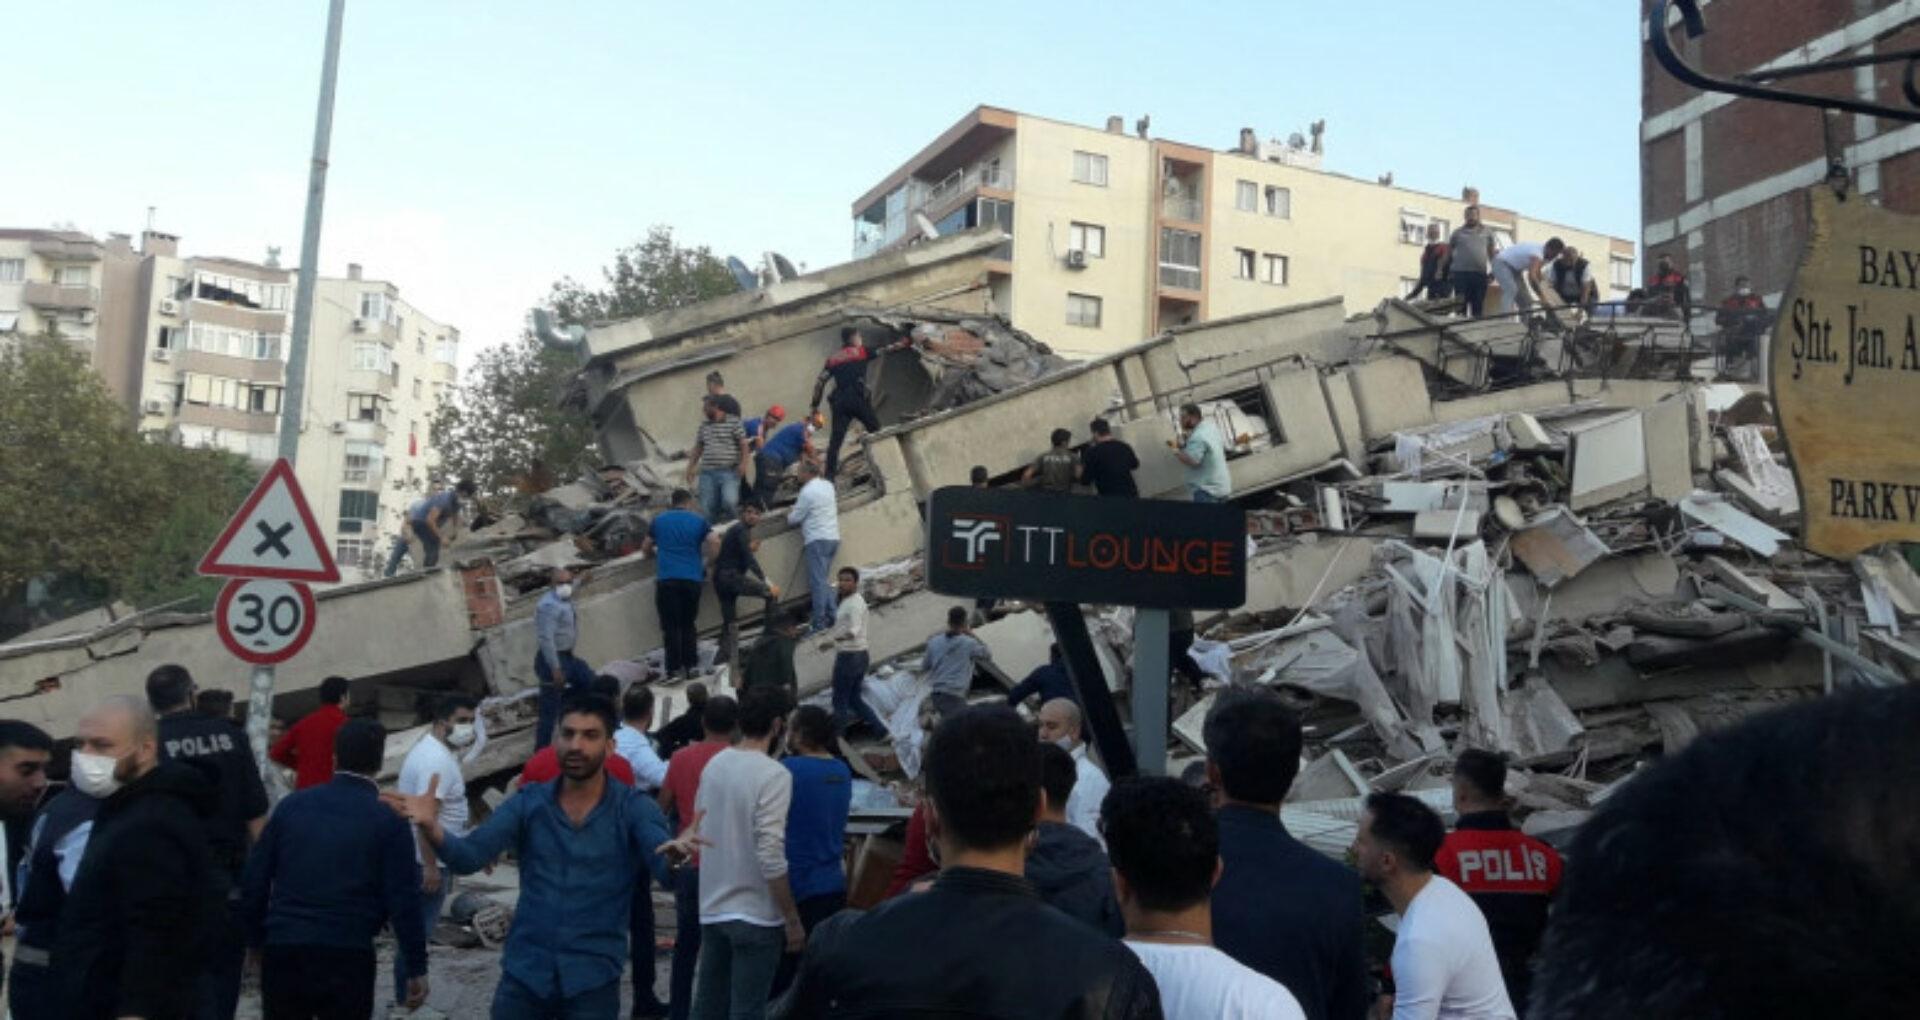 Bilanţul cutremurului din Turcia a ajuns la 25 morţi şi peste 800 de răniţi